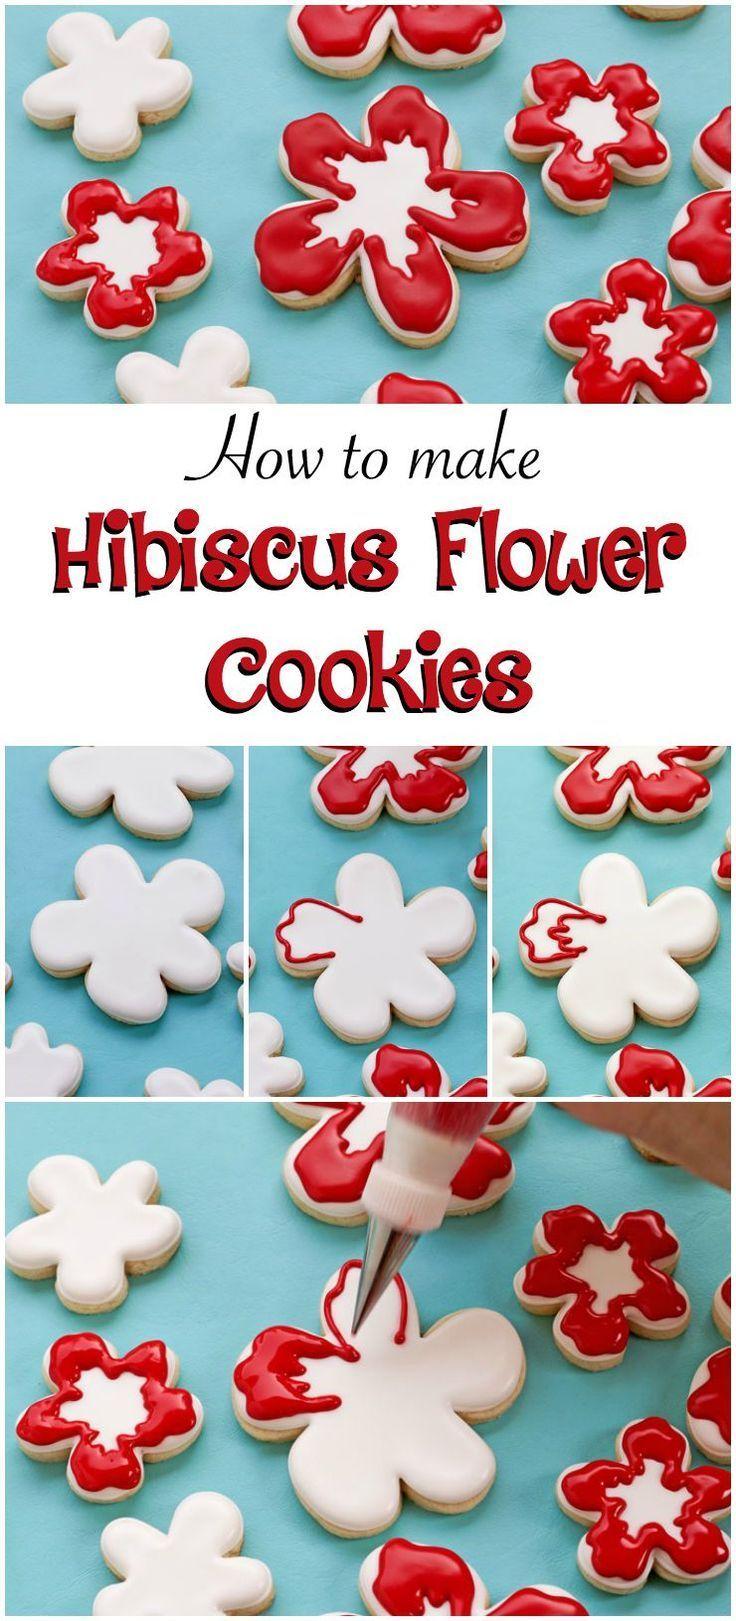 How to Make Fun Hibiscus Cookies via http://www.thebearfootbaker.com